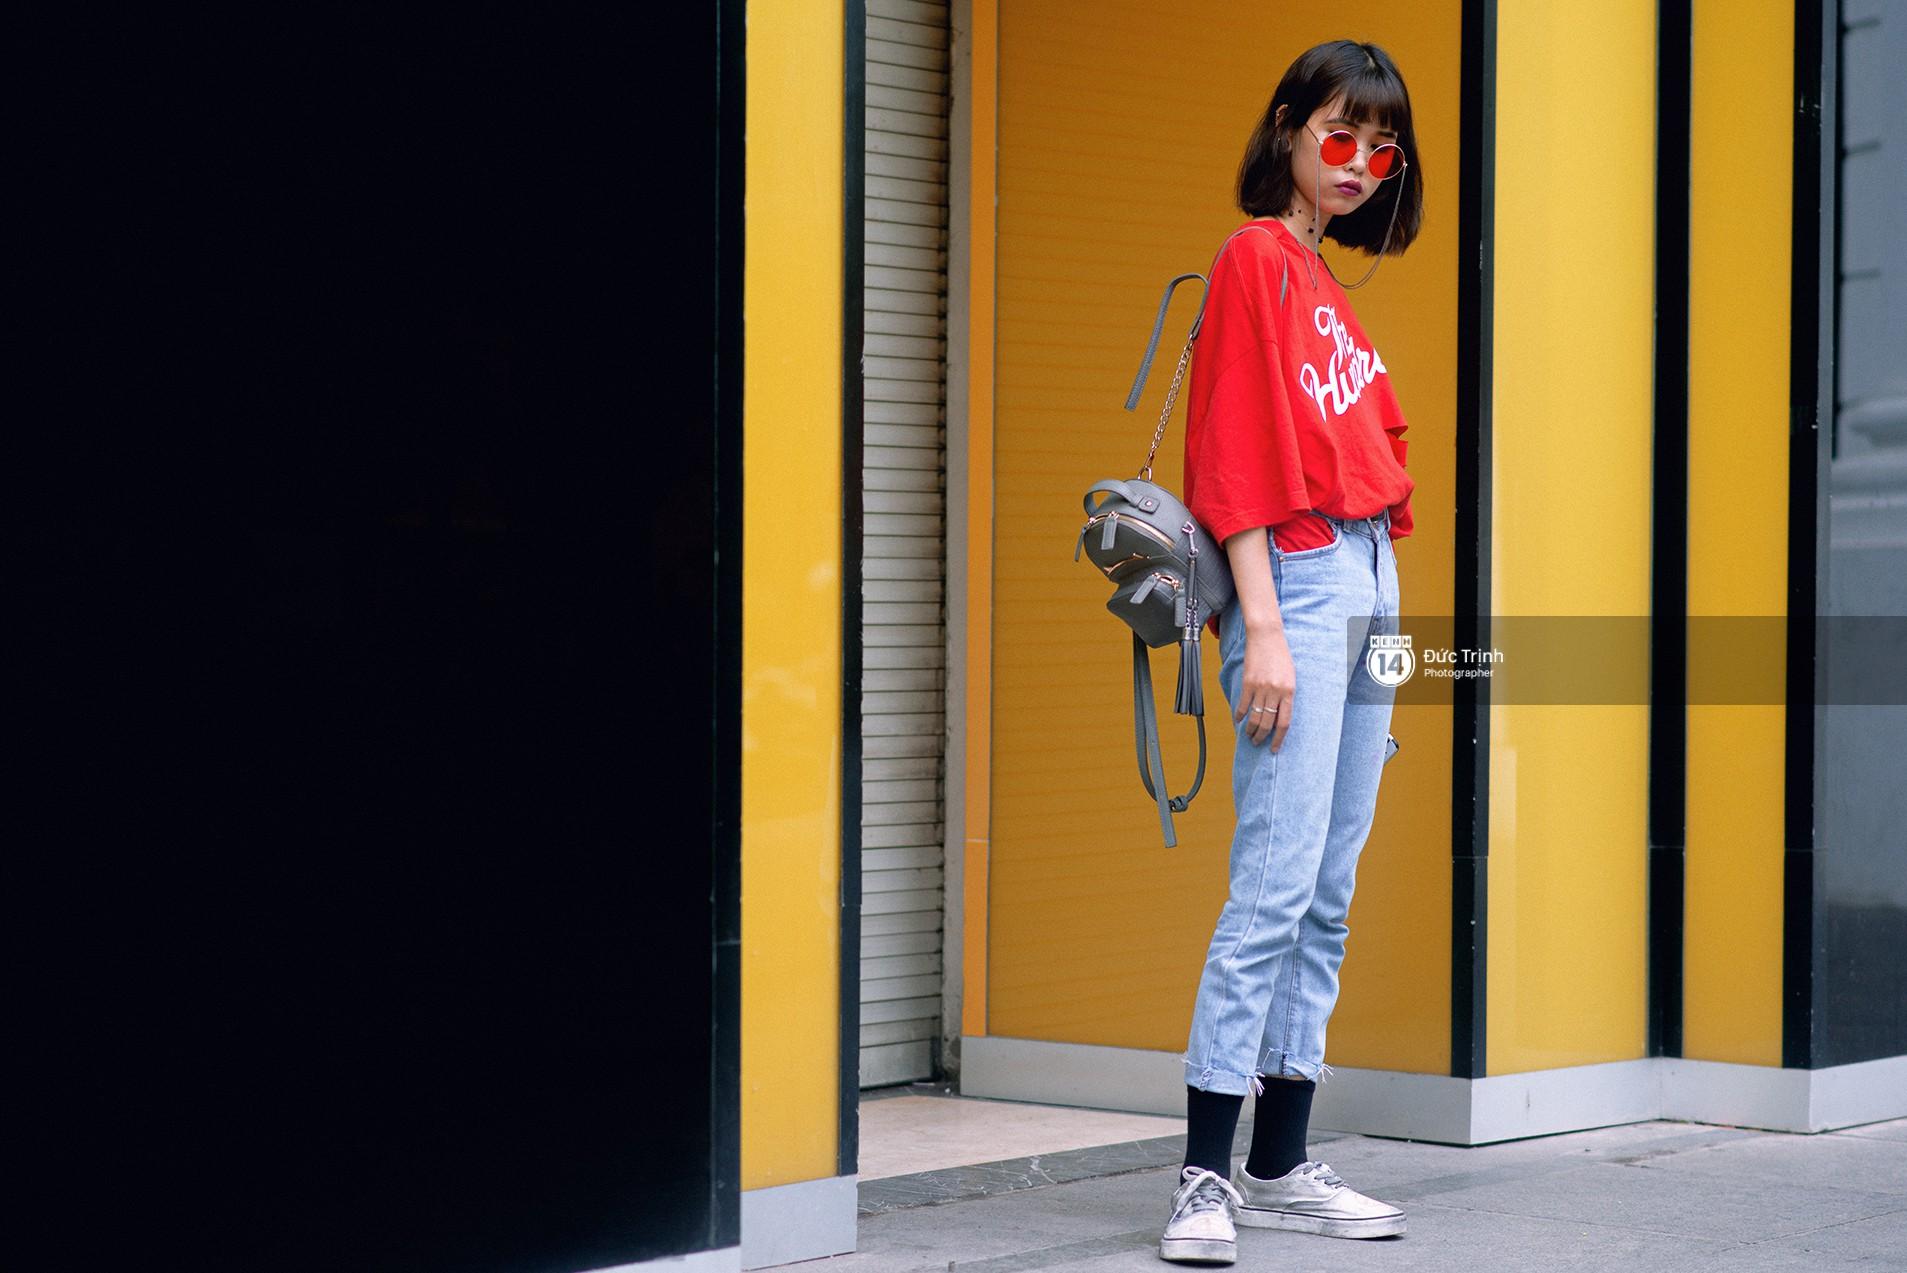 Street style 2 miền: Lên đồ đơn sắc hay sặc sỡ thì các bạn trẻ Việt vẫn cứ trung thành với style cool ngầu bụi bặm - Ảnh 13.